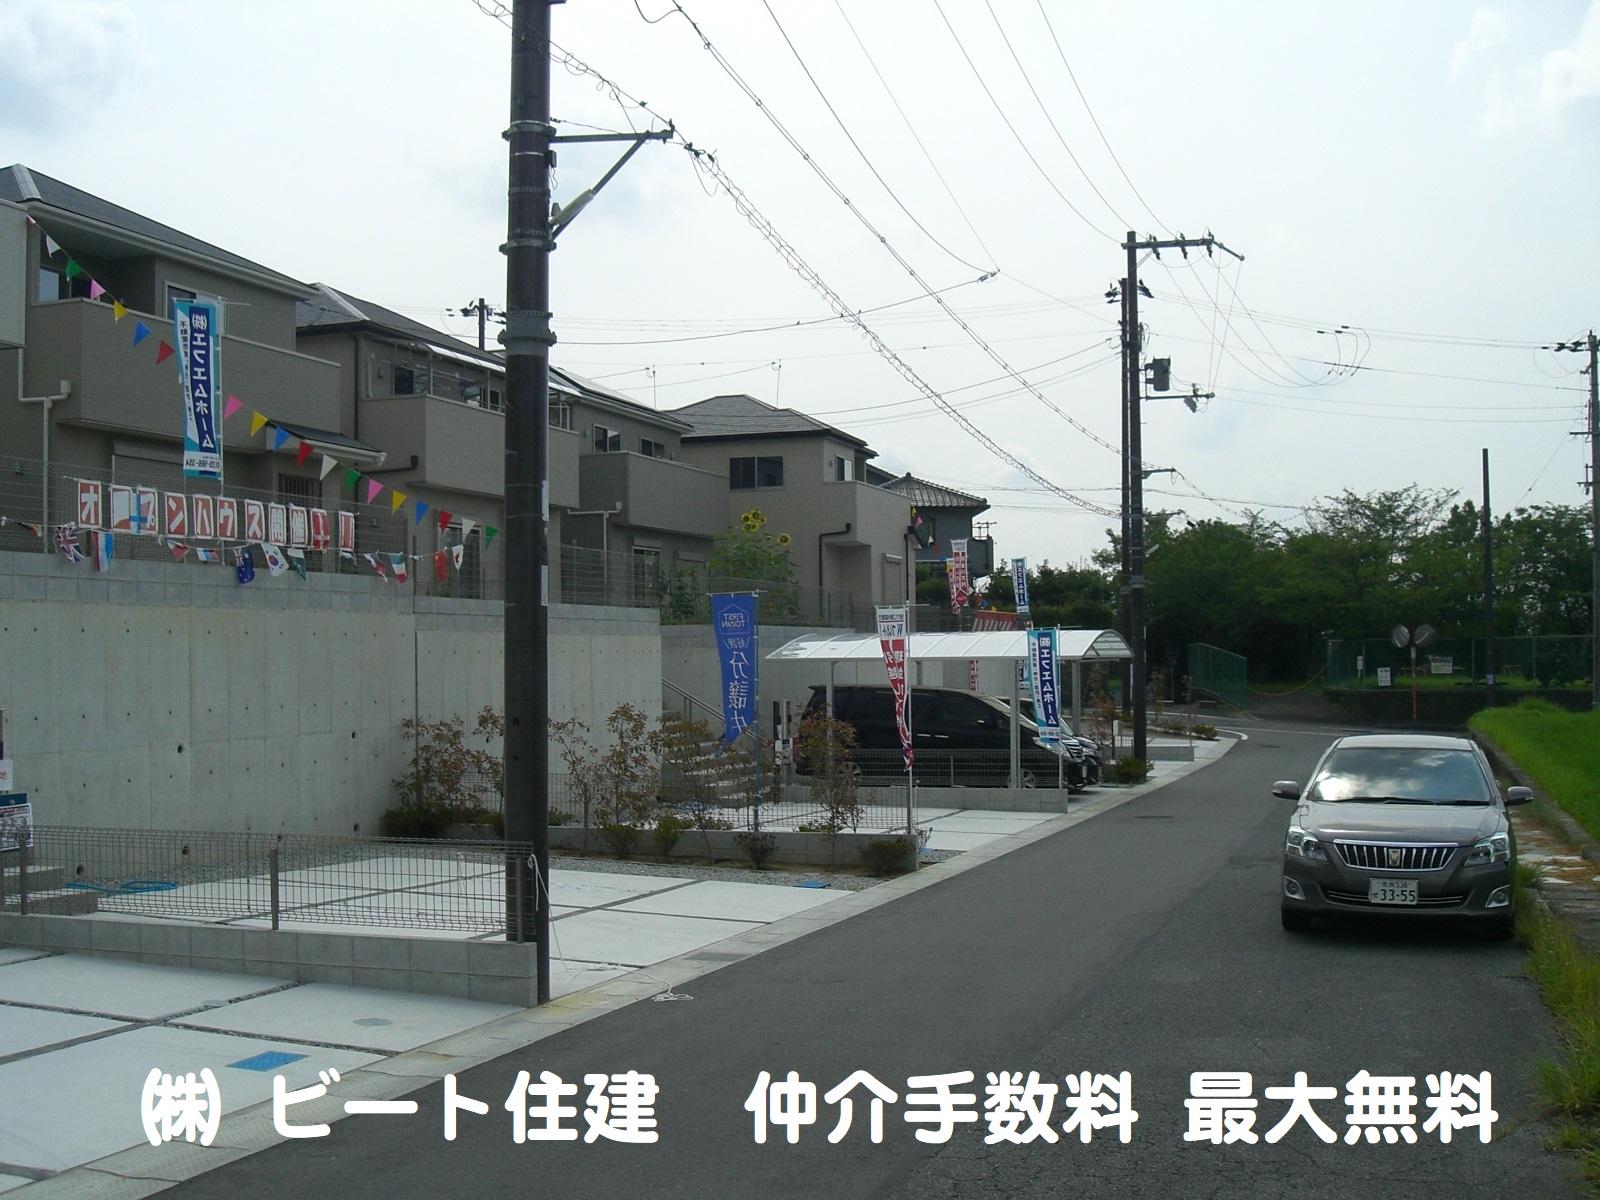 奈良県 新築一戸建て 斑鳩町 龍田北 新築 仲介手数料 最大無料 ビート住建